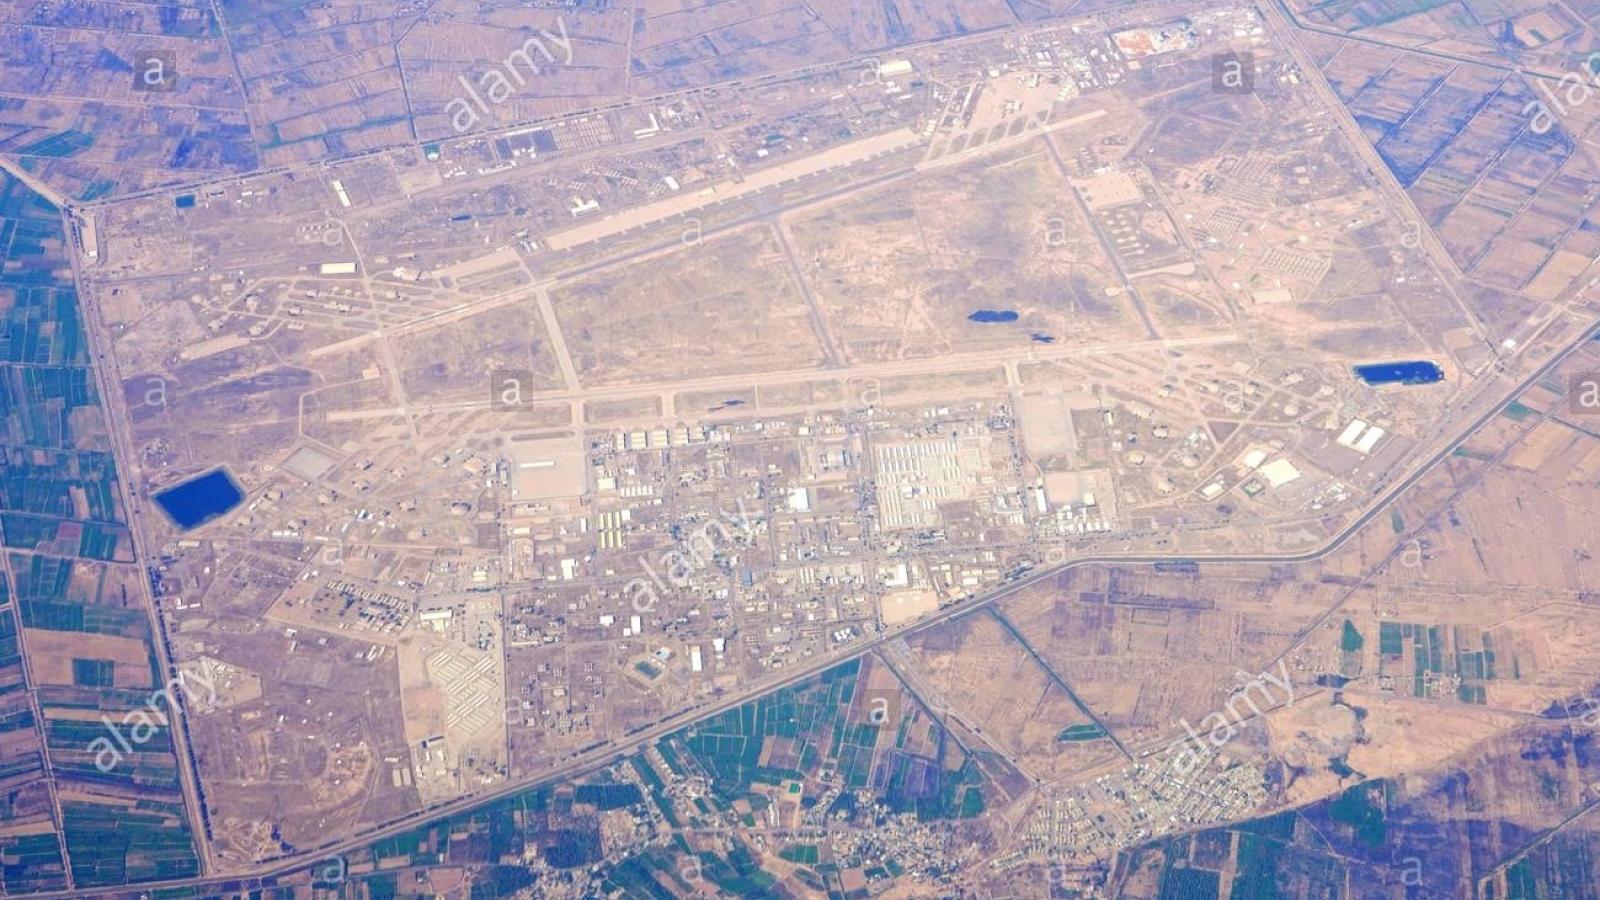 Căn cứ không quân Iraq lại bị tấn công bằng rocket